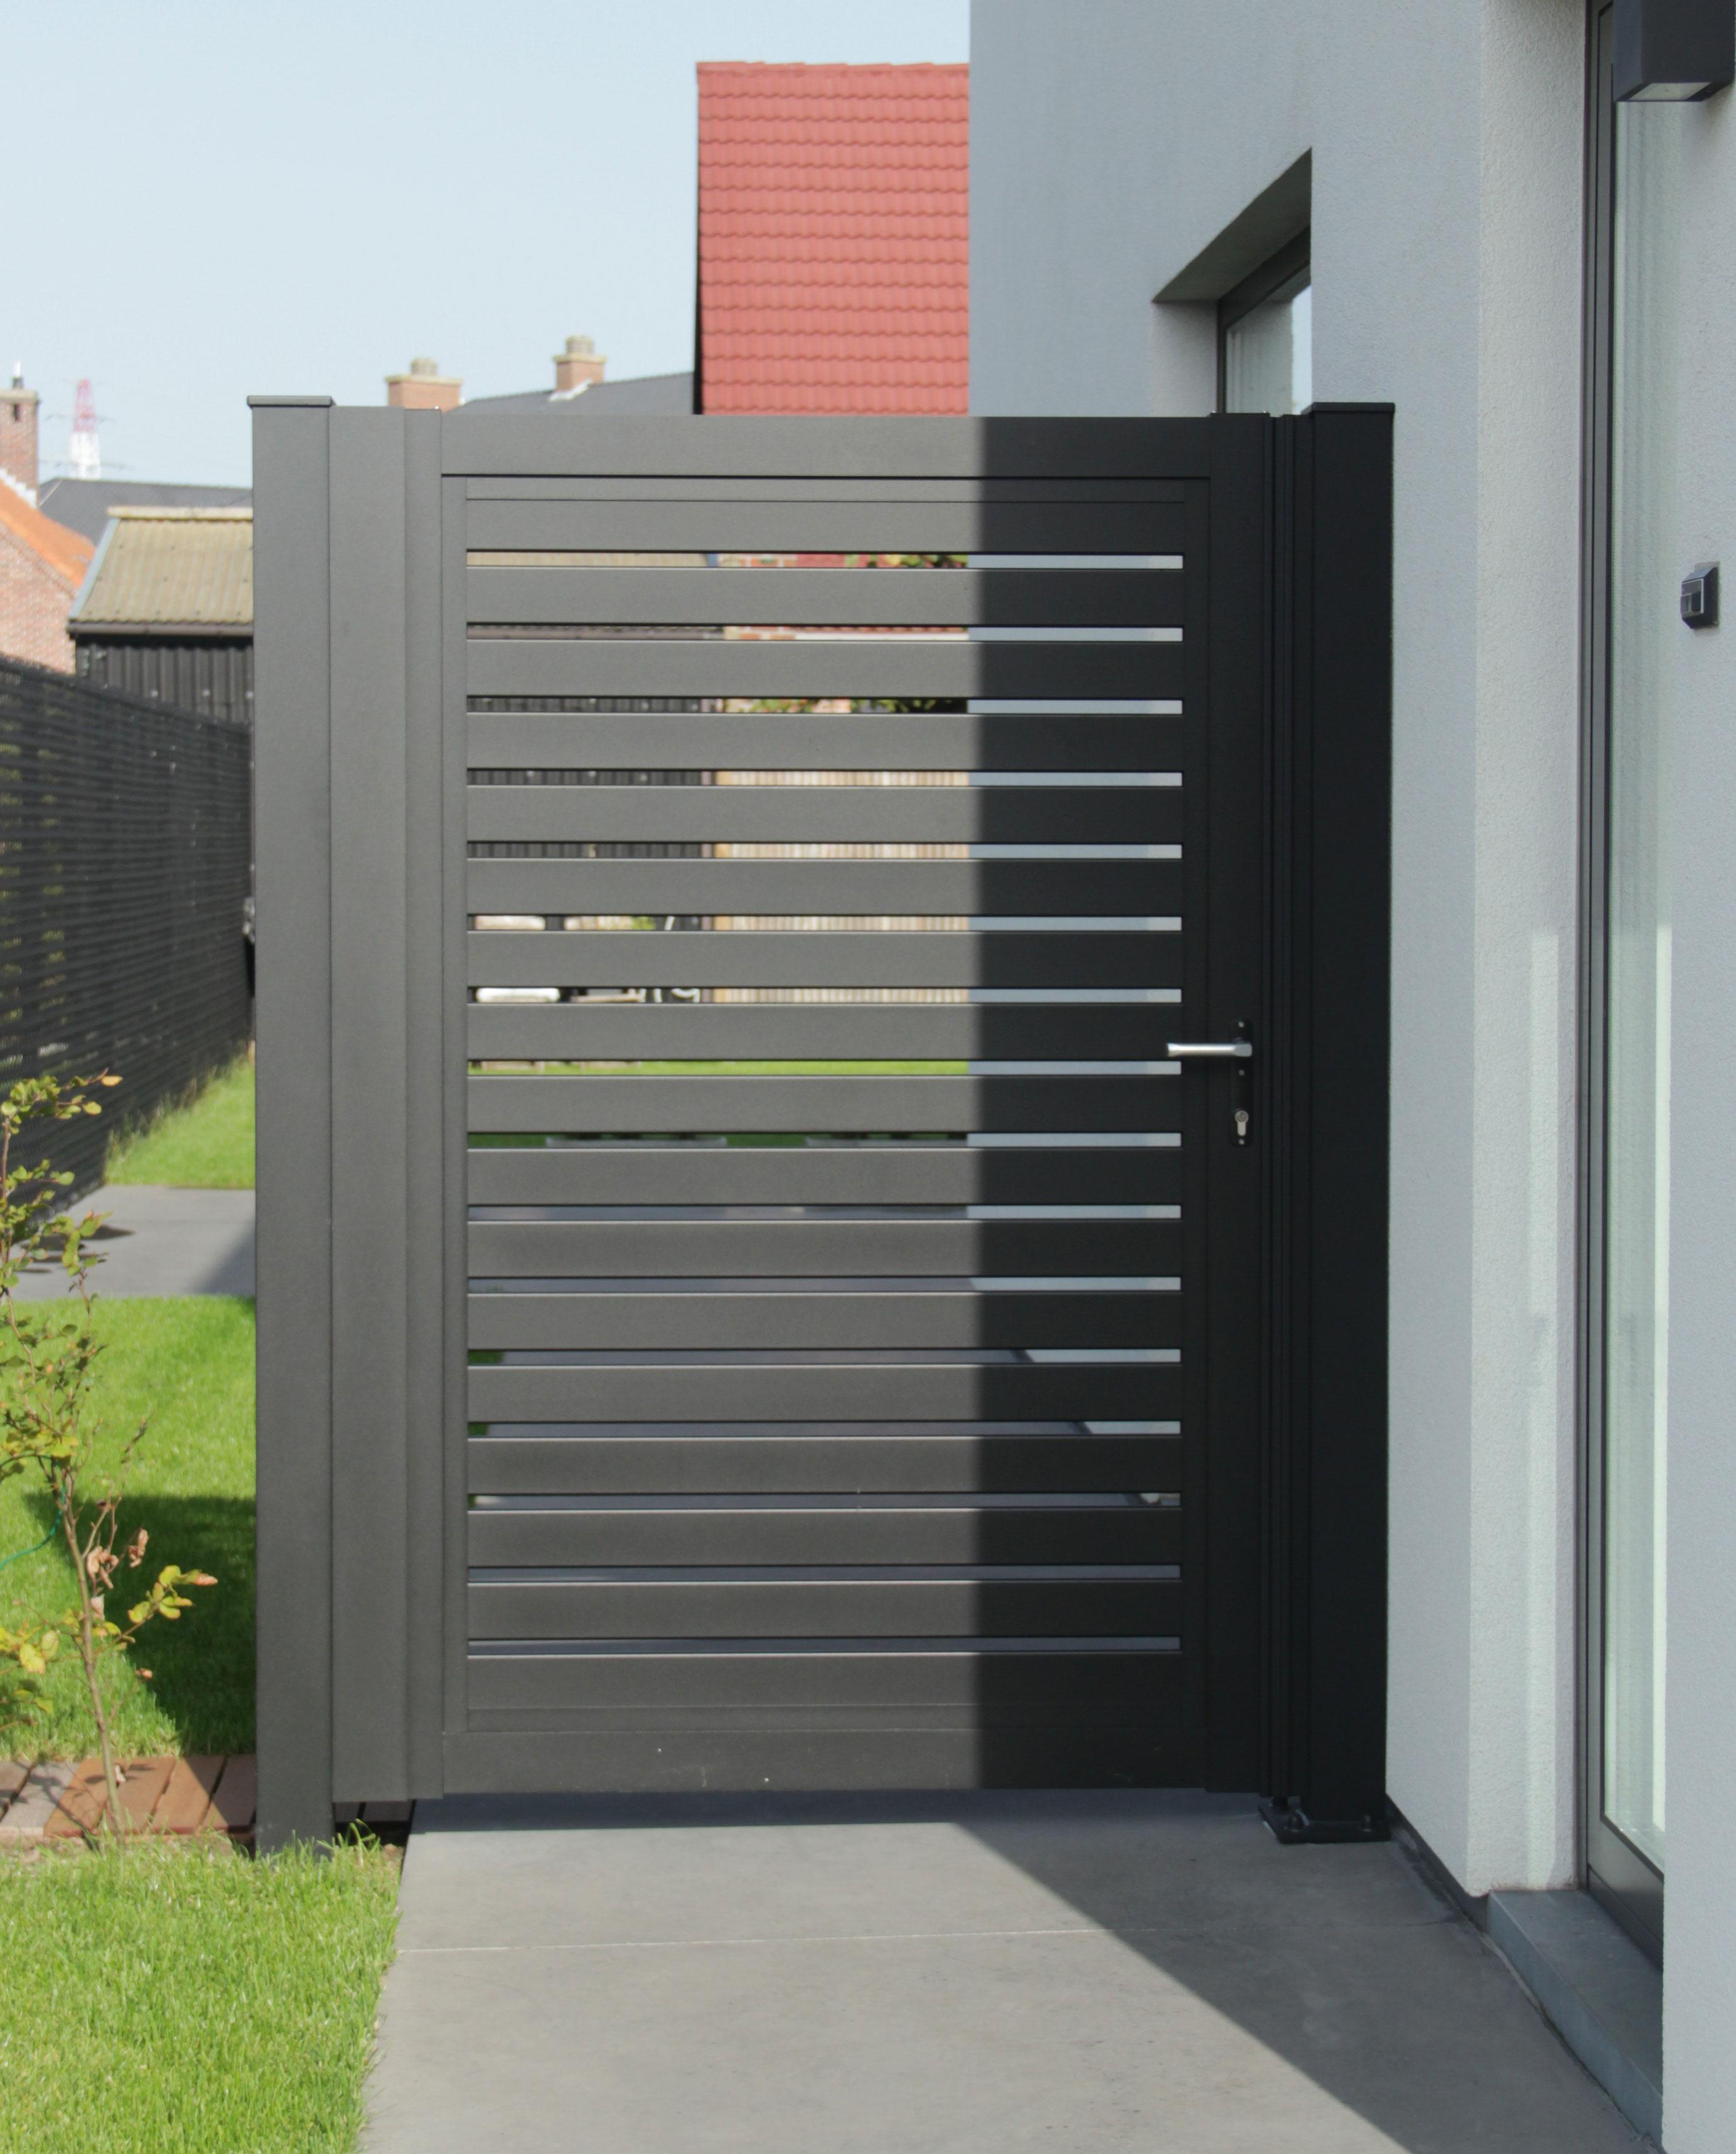 aluminium tuinpoort glenfid - Aluminium tuinpoorten/tuinpoortjes